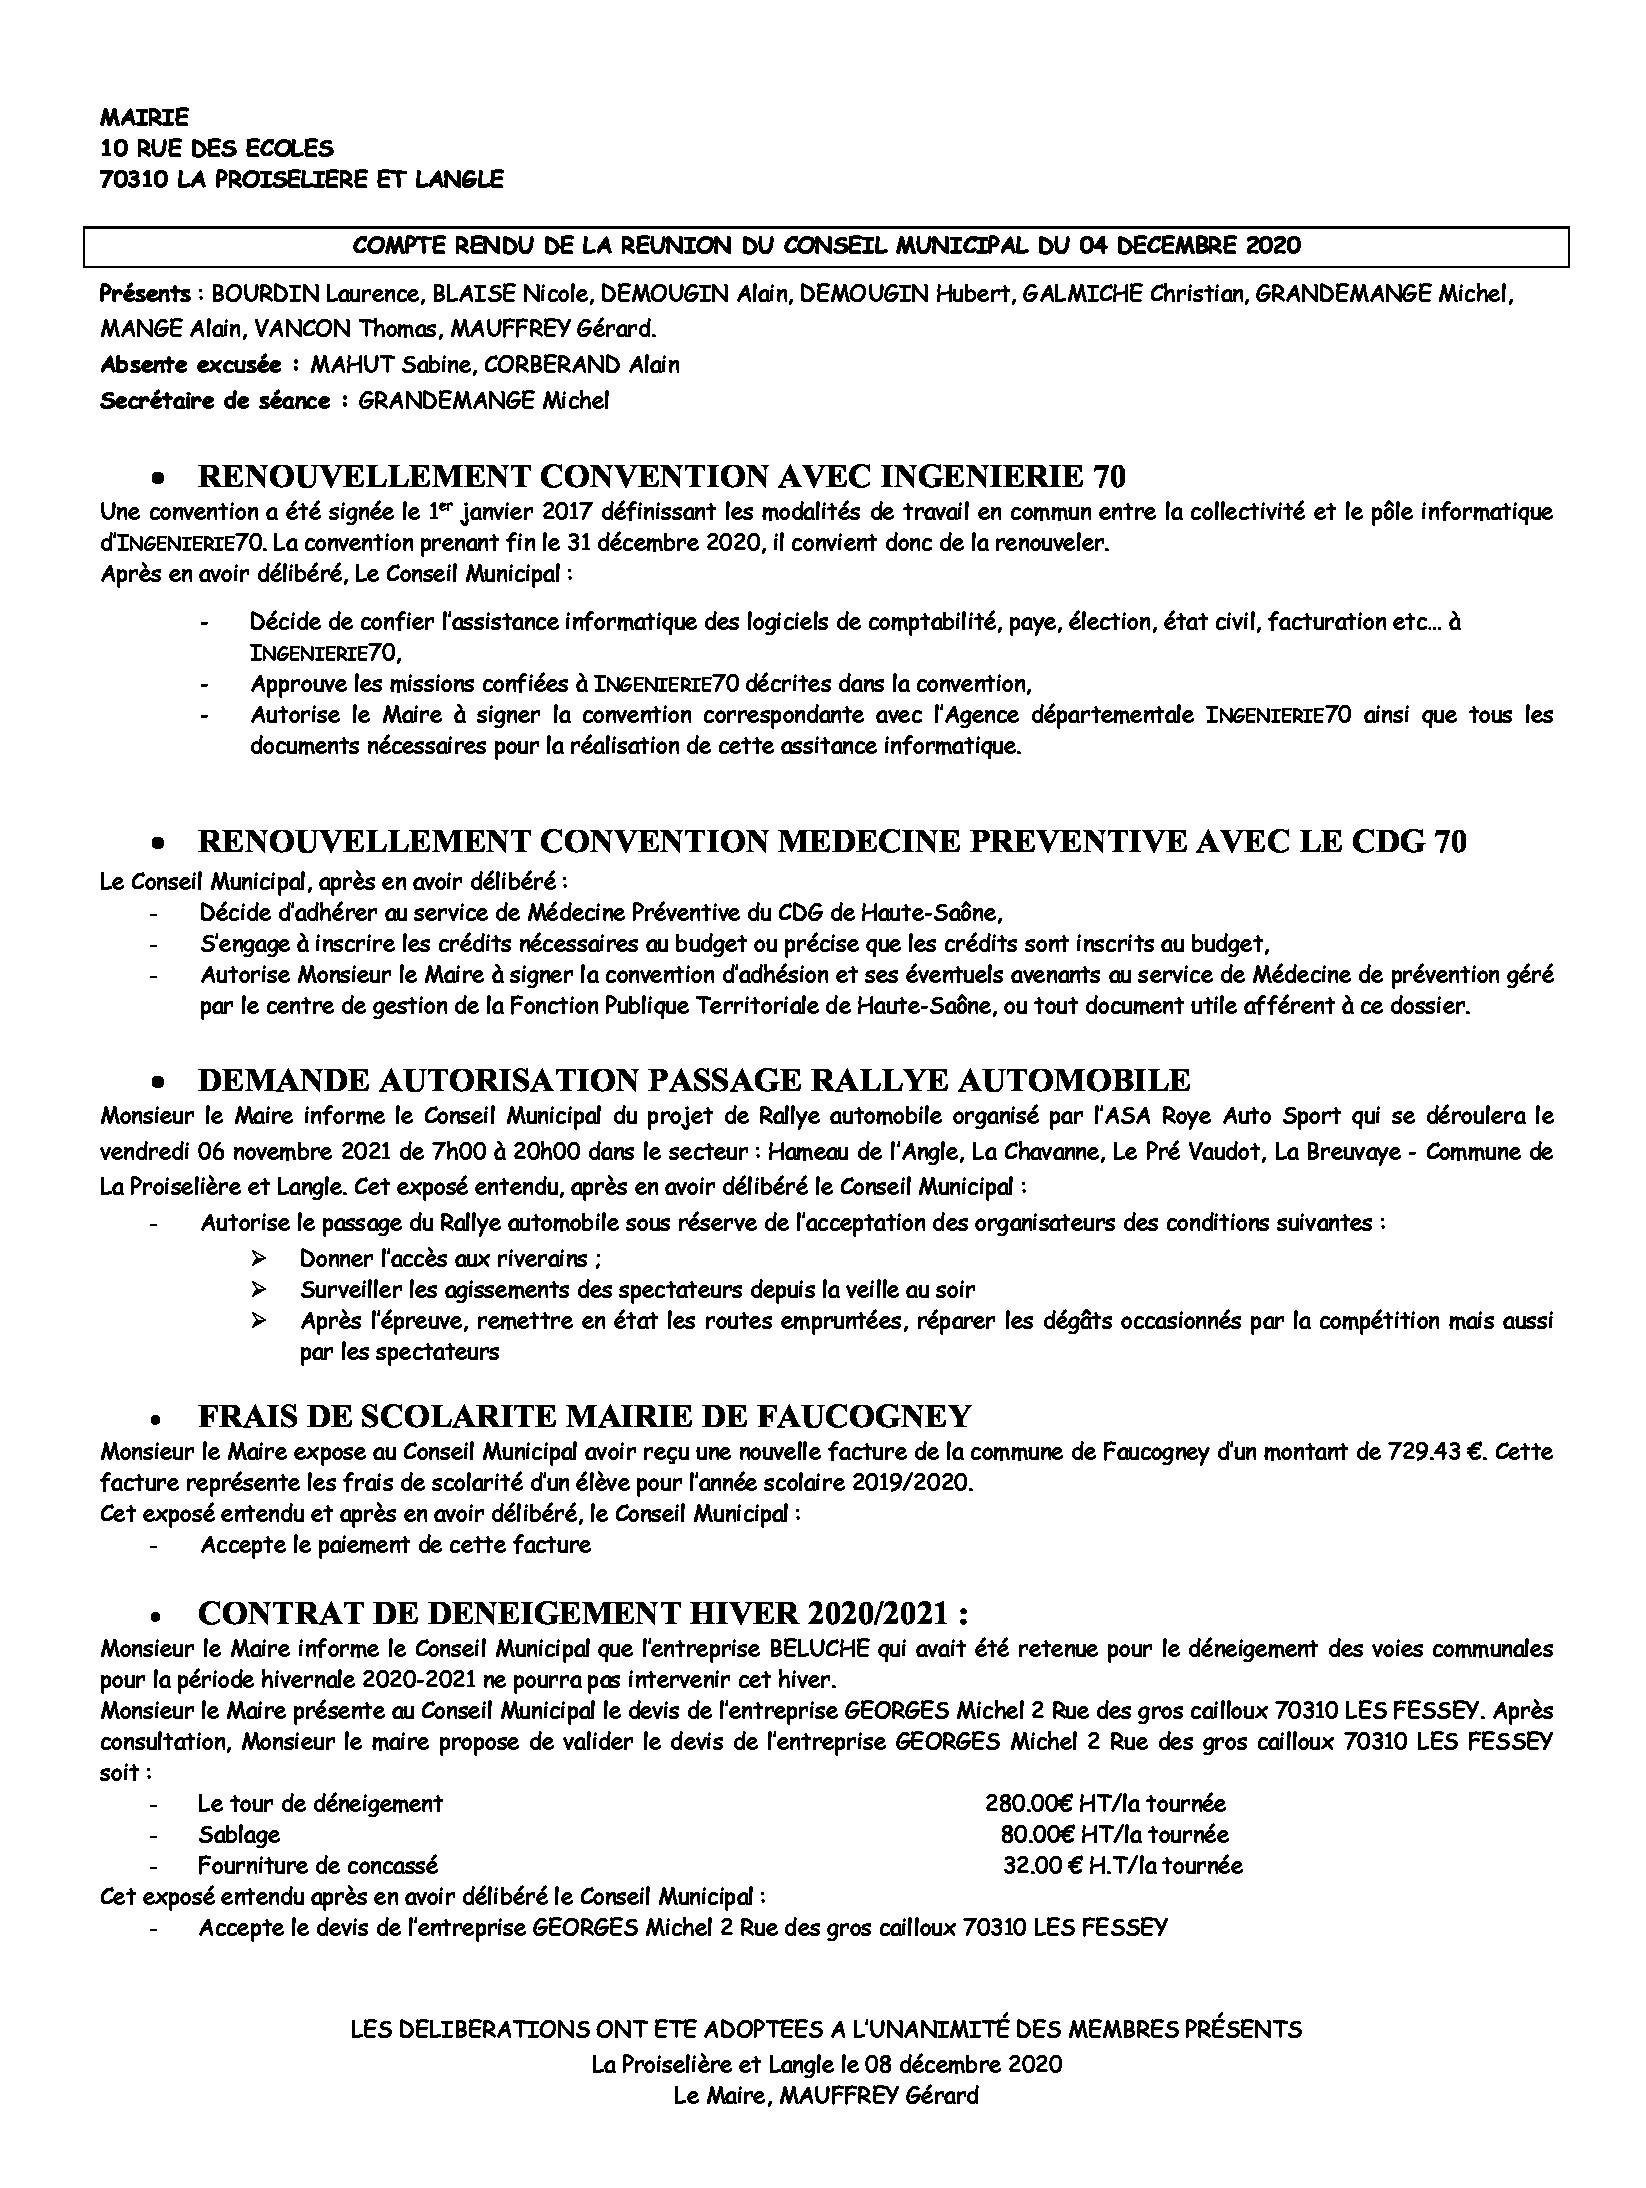 COMPTE RENDU du 04 Décembre 2020